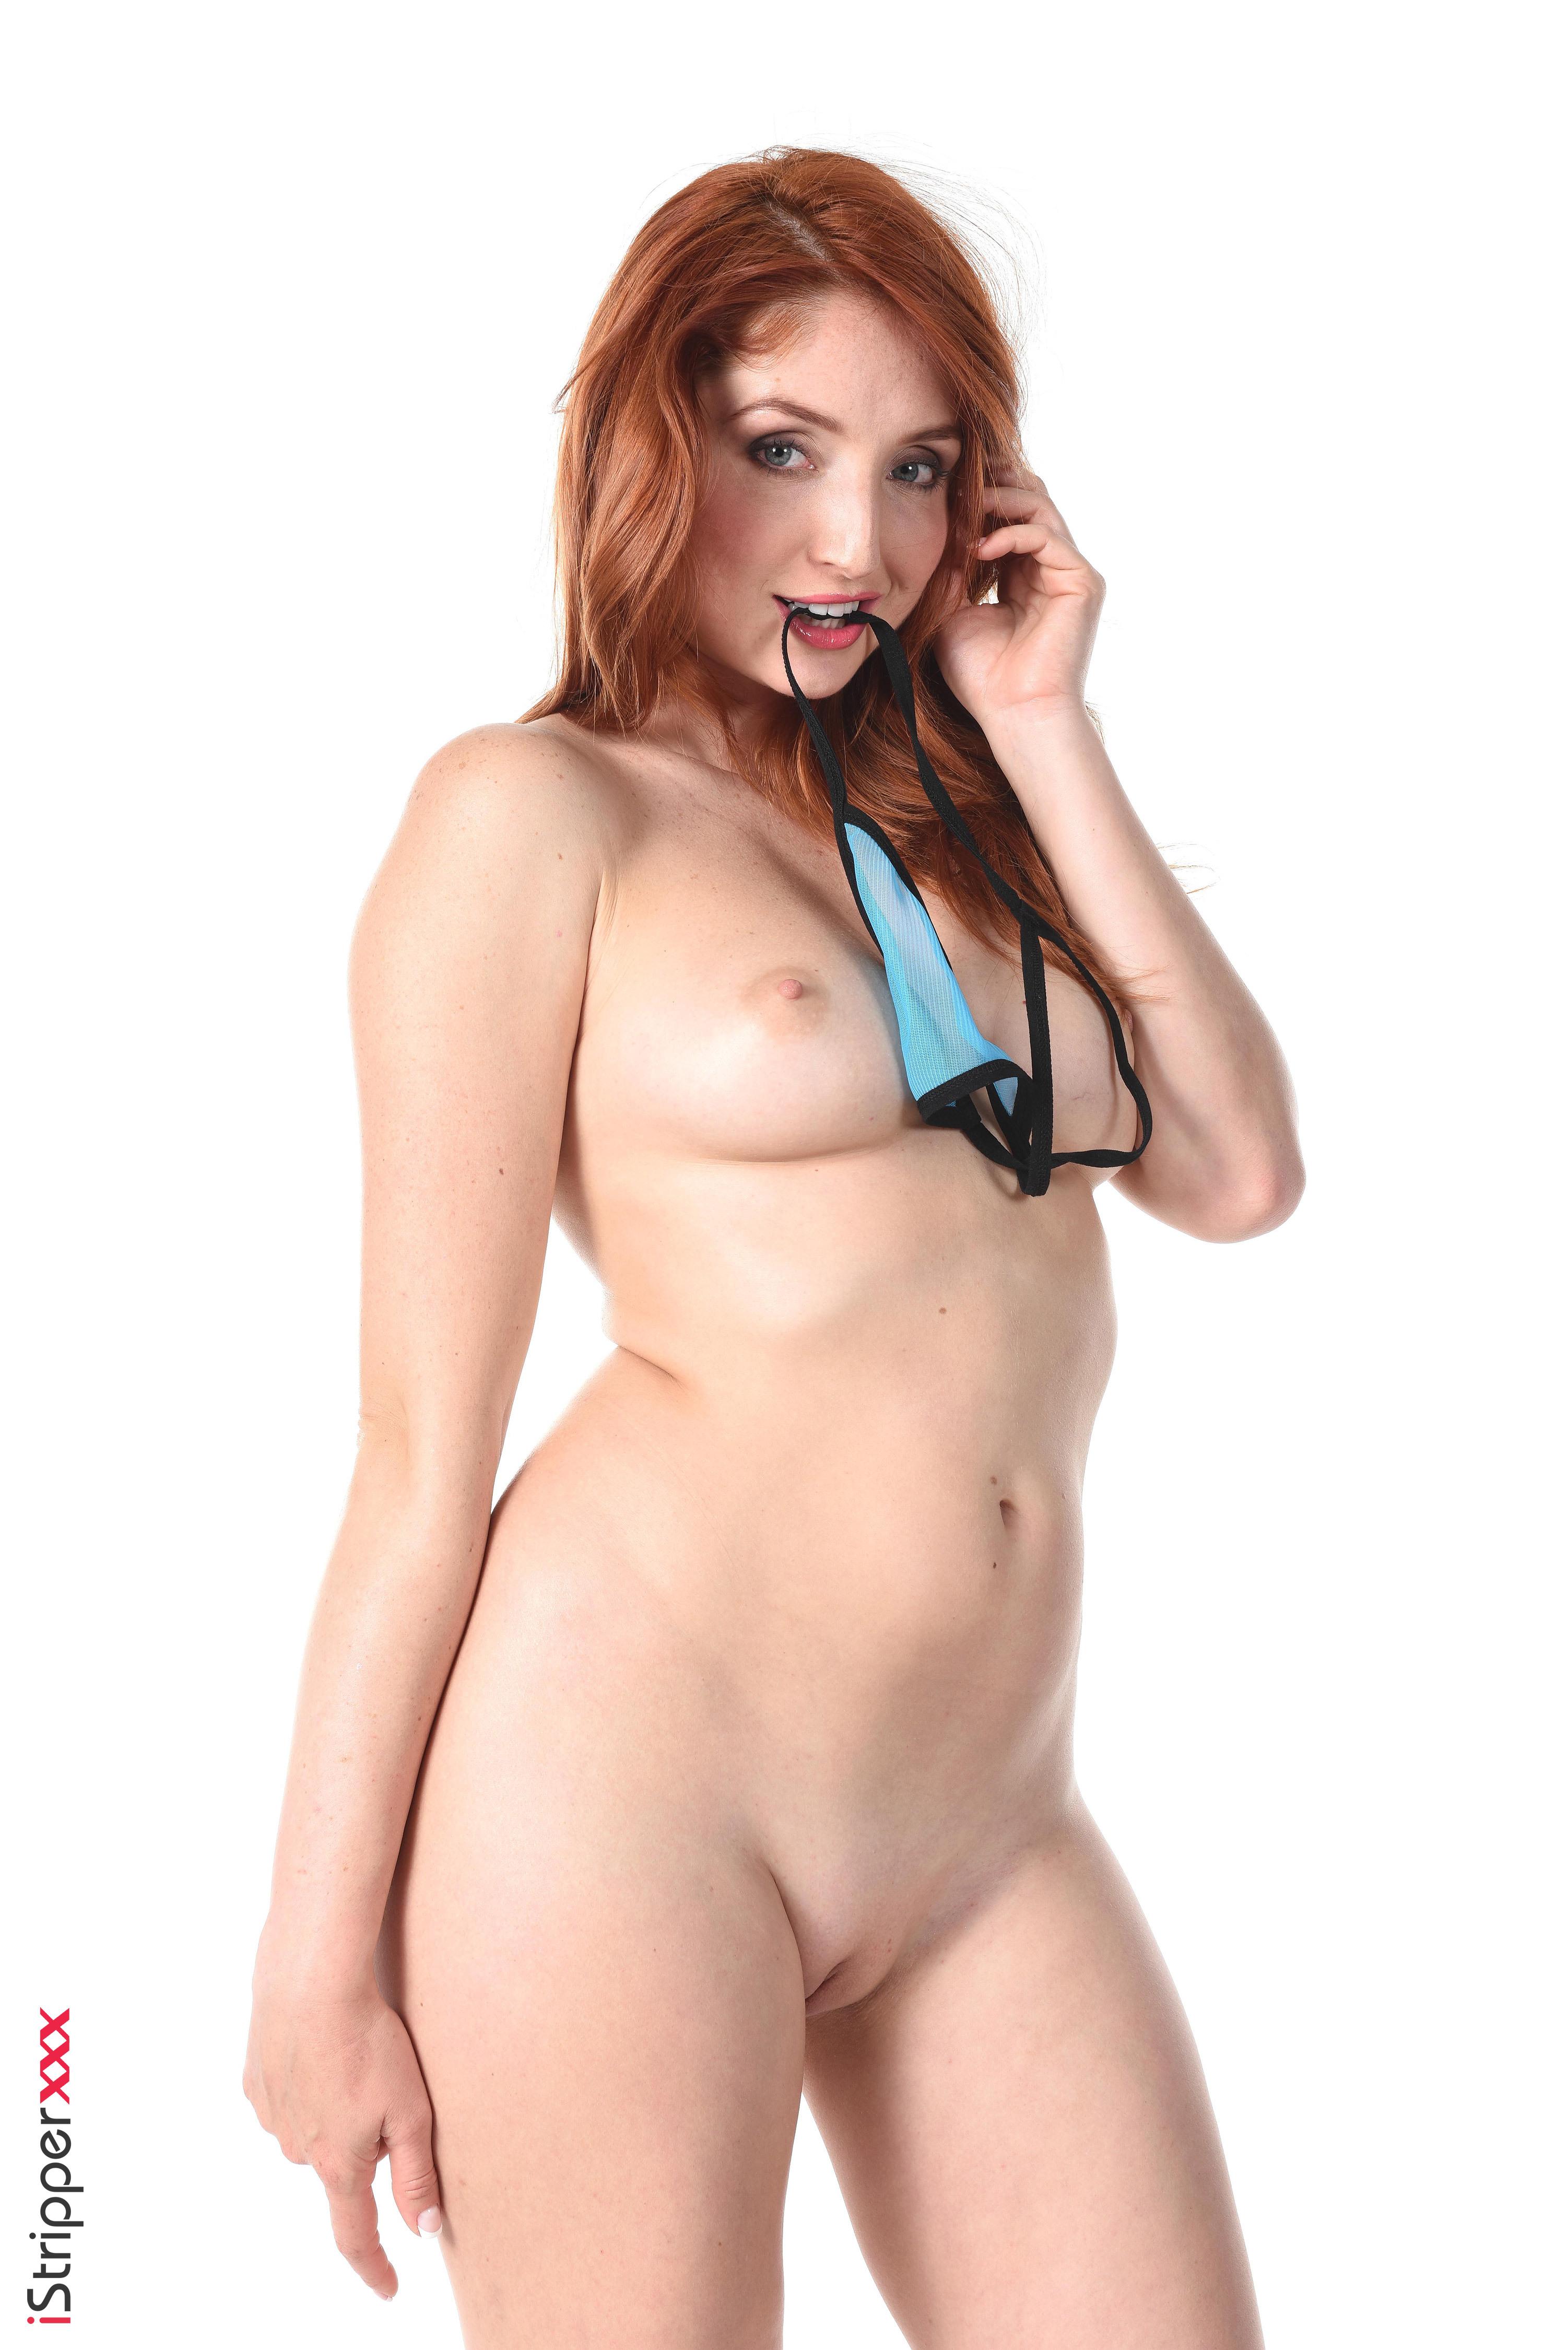 desktop strippers download